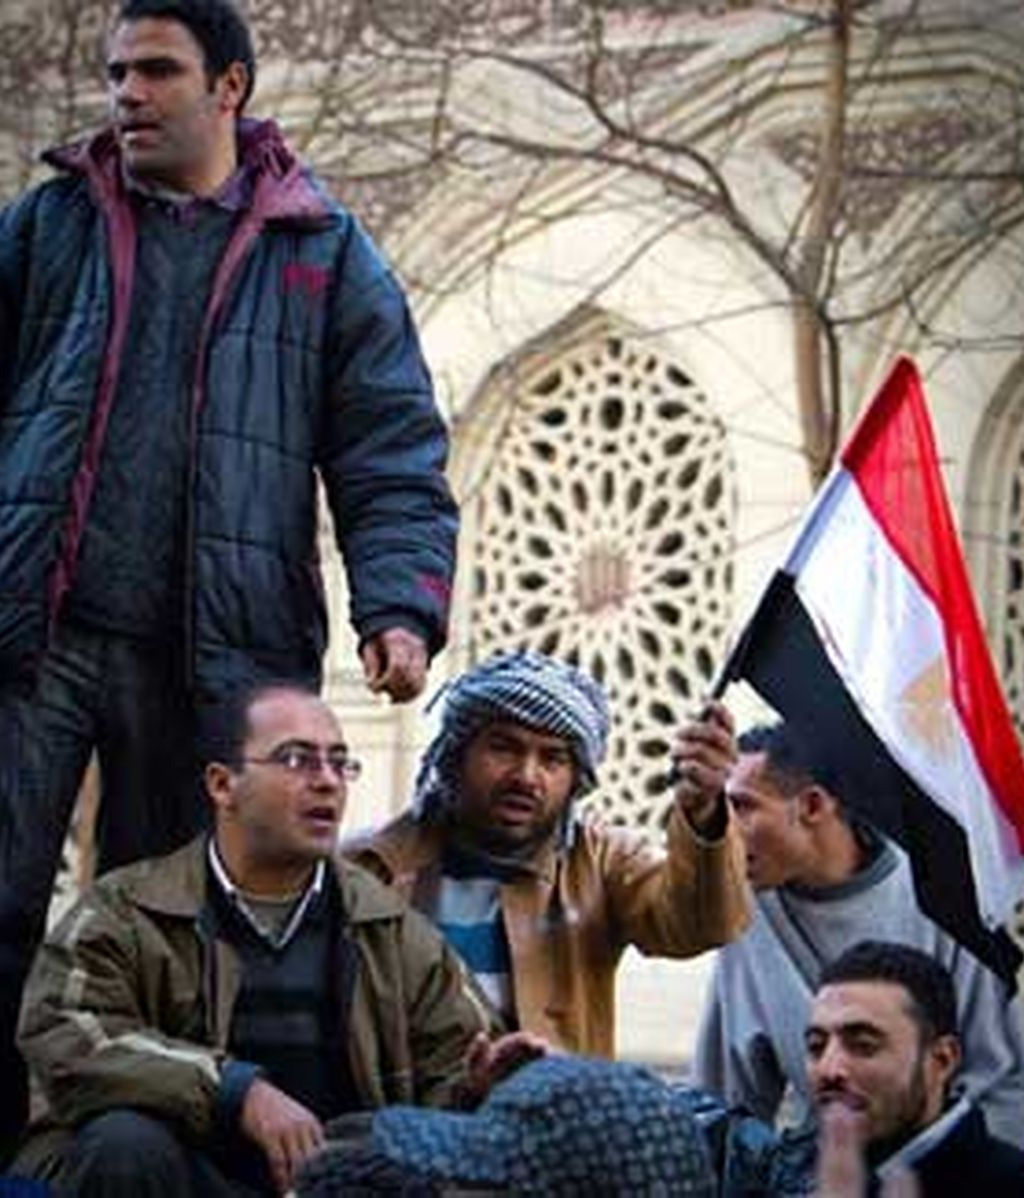 Los manifestantes y los sindicatos egipcios se preparan para el 'viernes de los mártires'. Vídeo: Informativos Telecinco